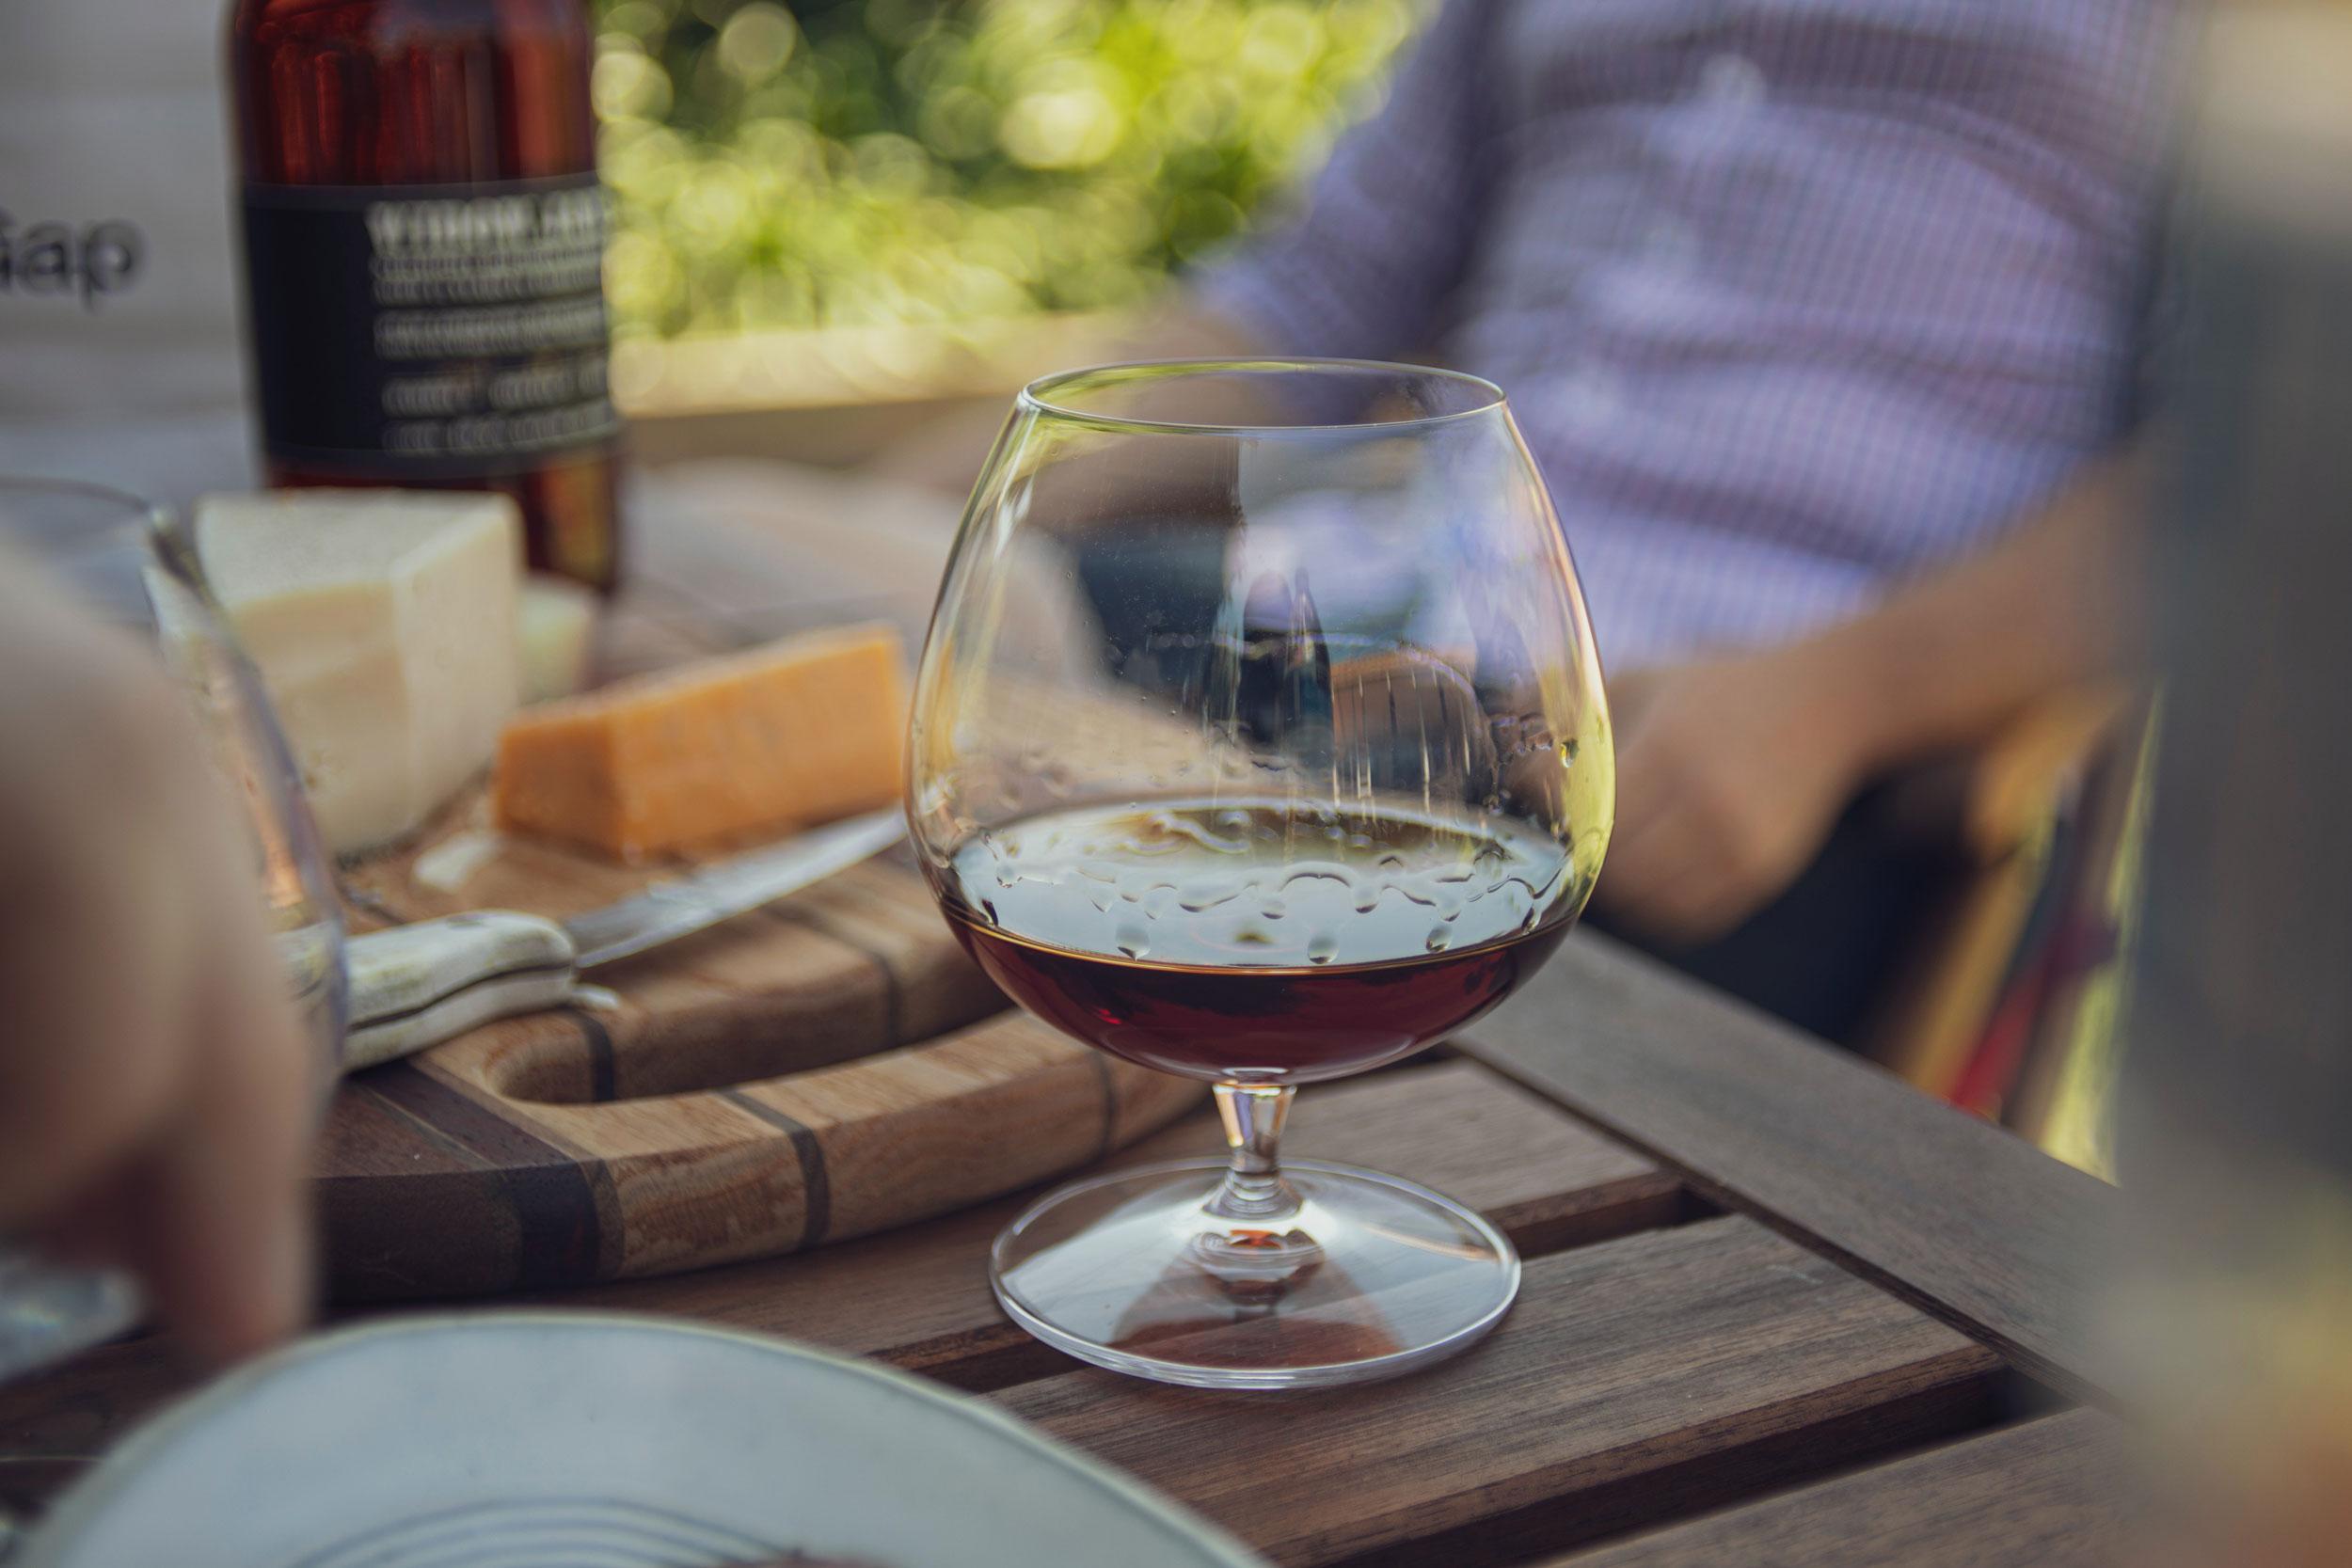 Vino rosso da abbinare al cinghiale: i profumi toscani Brunello Biondi Santi , peculiarità e consigli